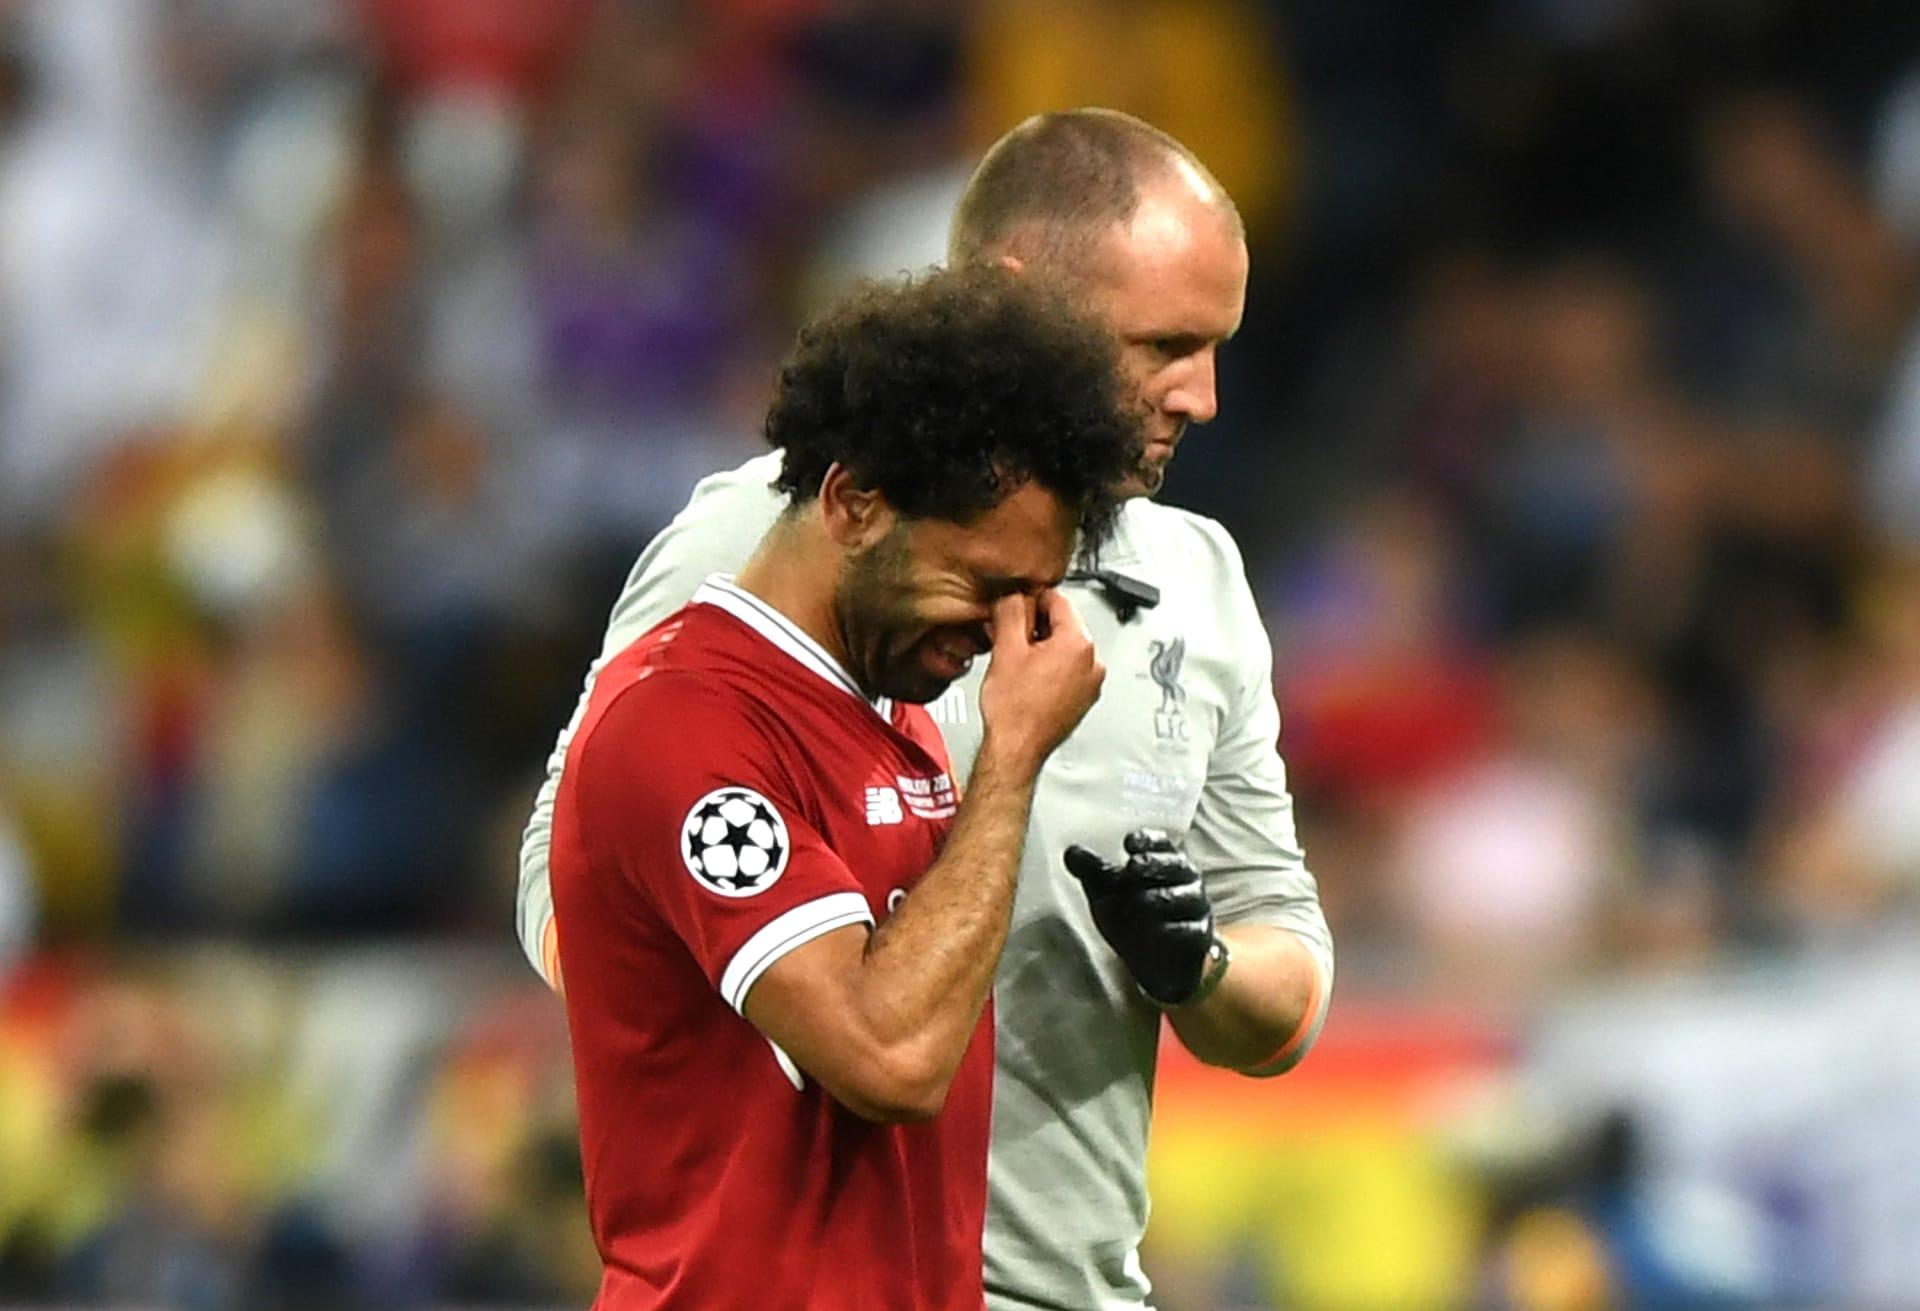 محمد صلاح يكشف عن مشاعره بعد الإصابة.. ويتحدث عن كأس العالم